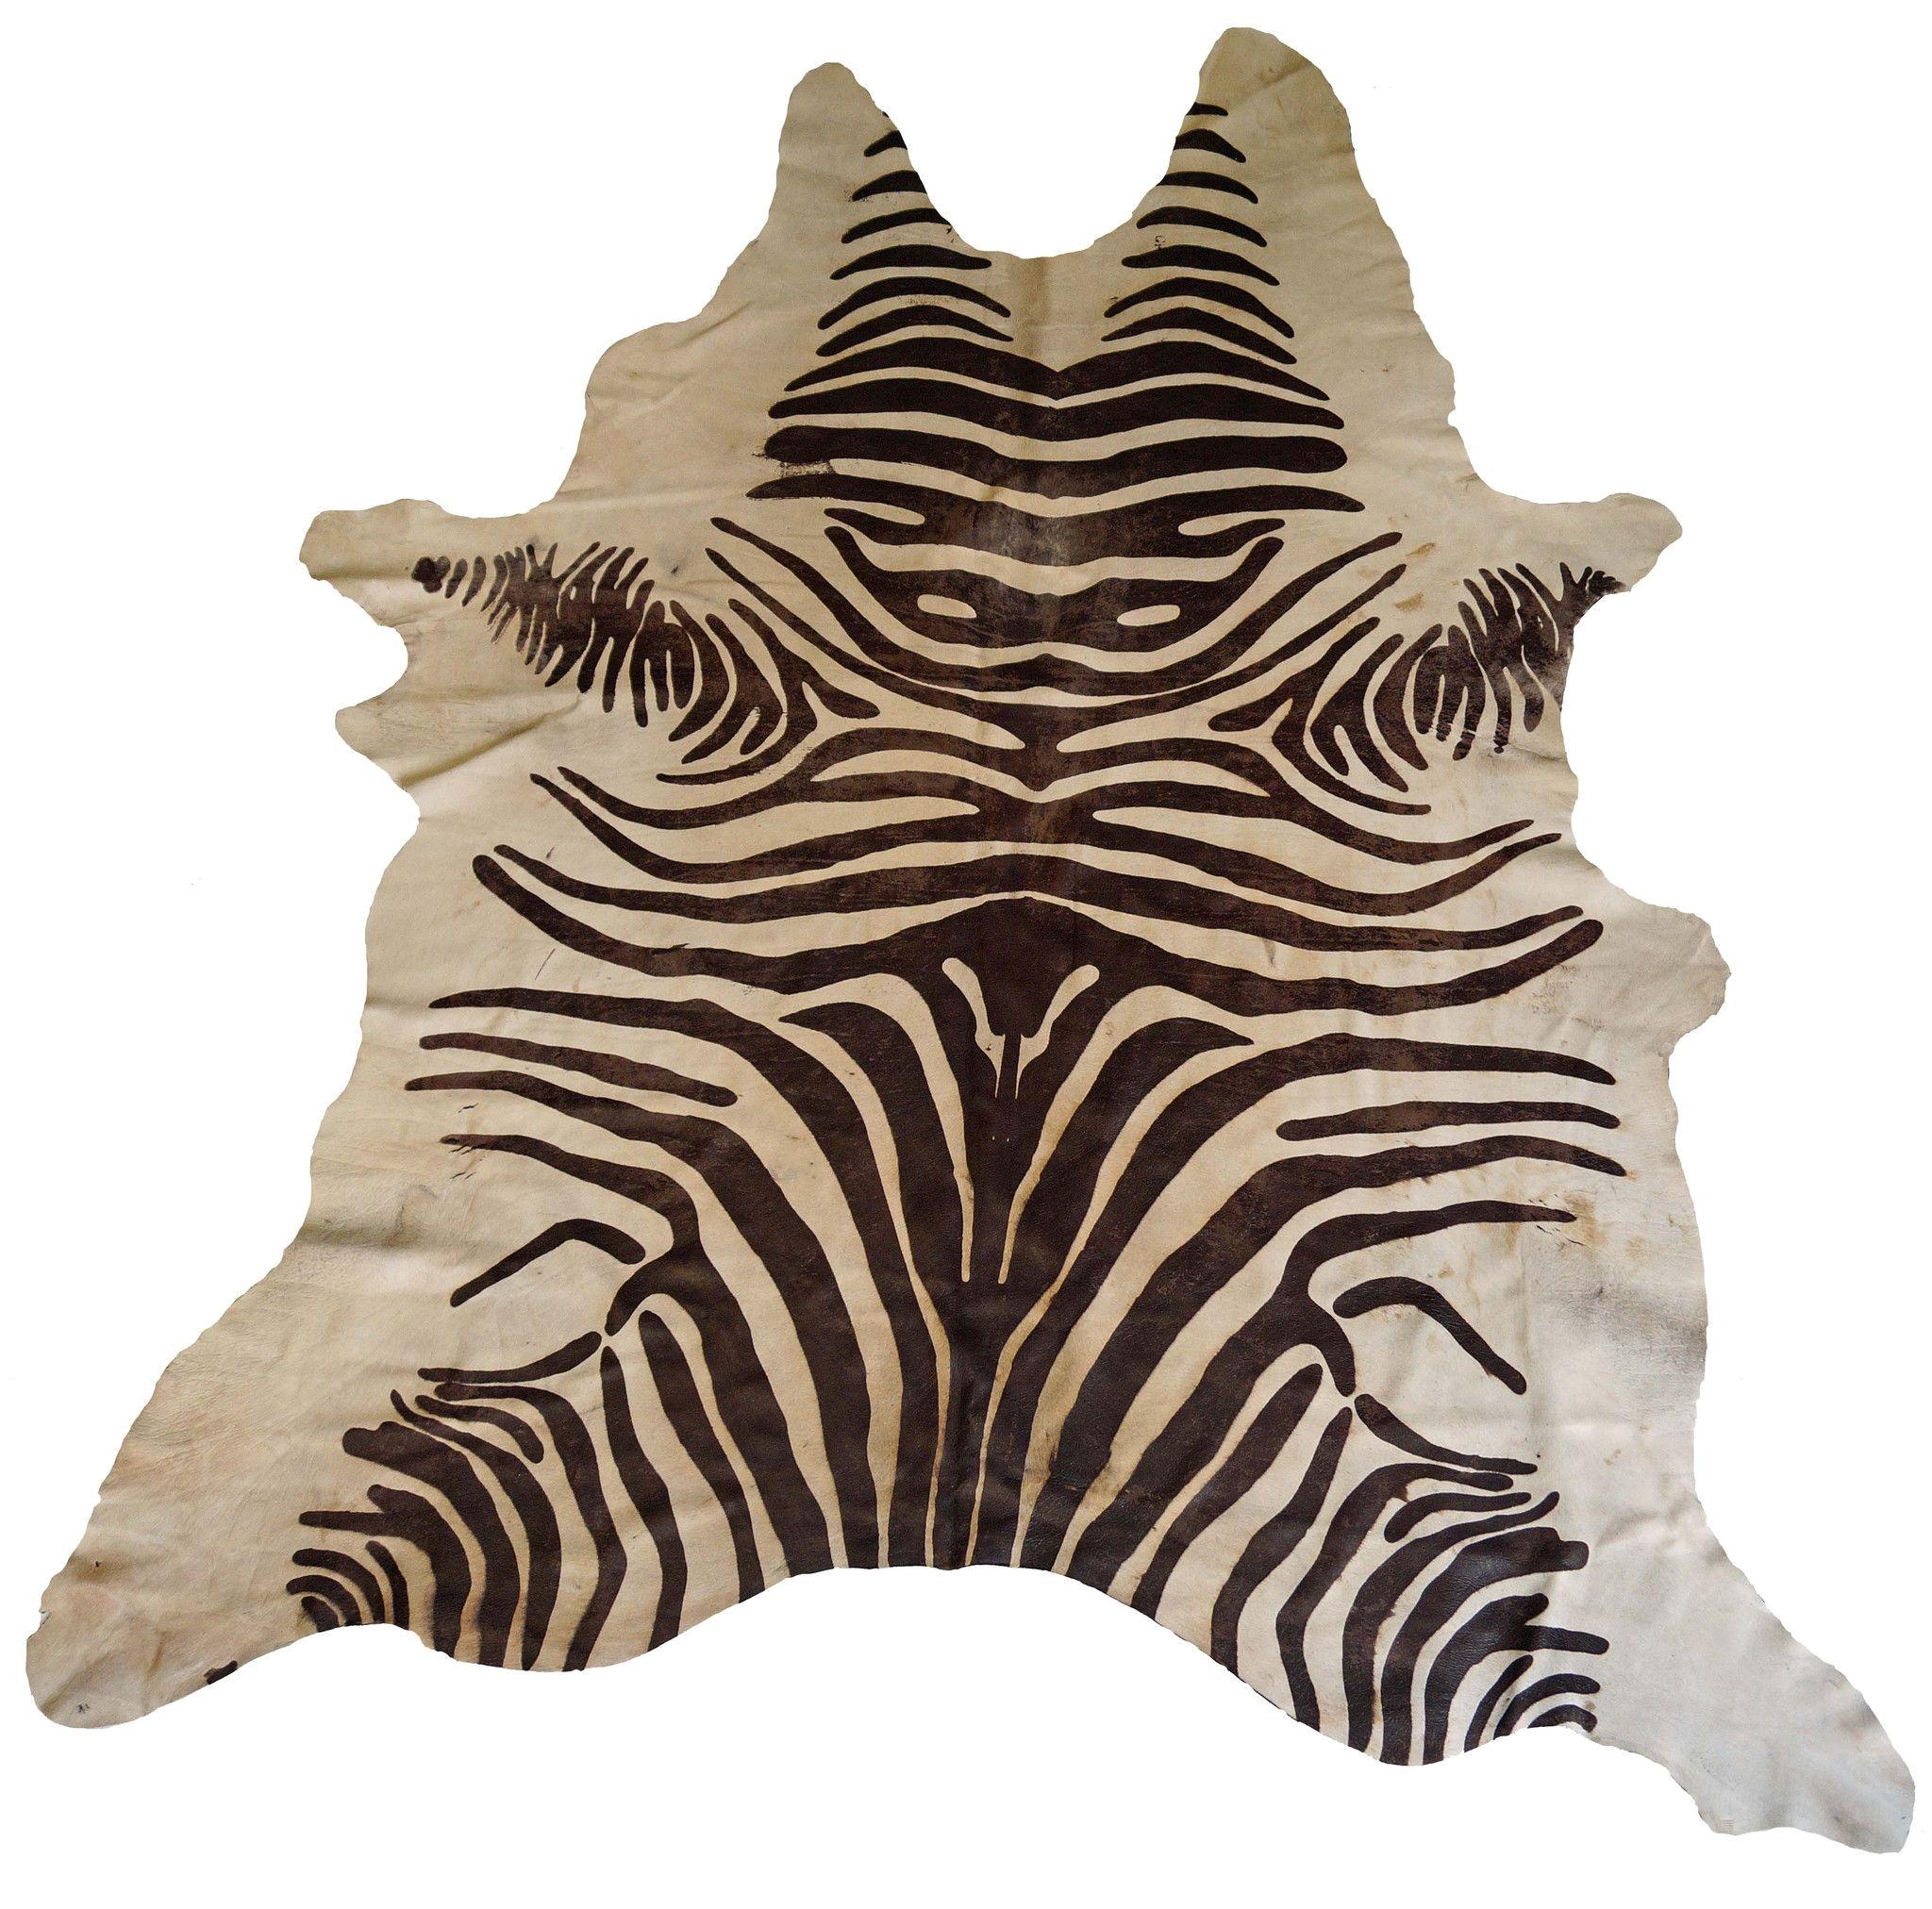 How To Clean A Real Zebra Rug Tan Acid Wash Zebra Cowhide Rug Design